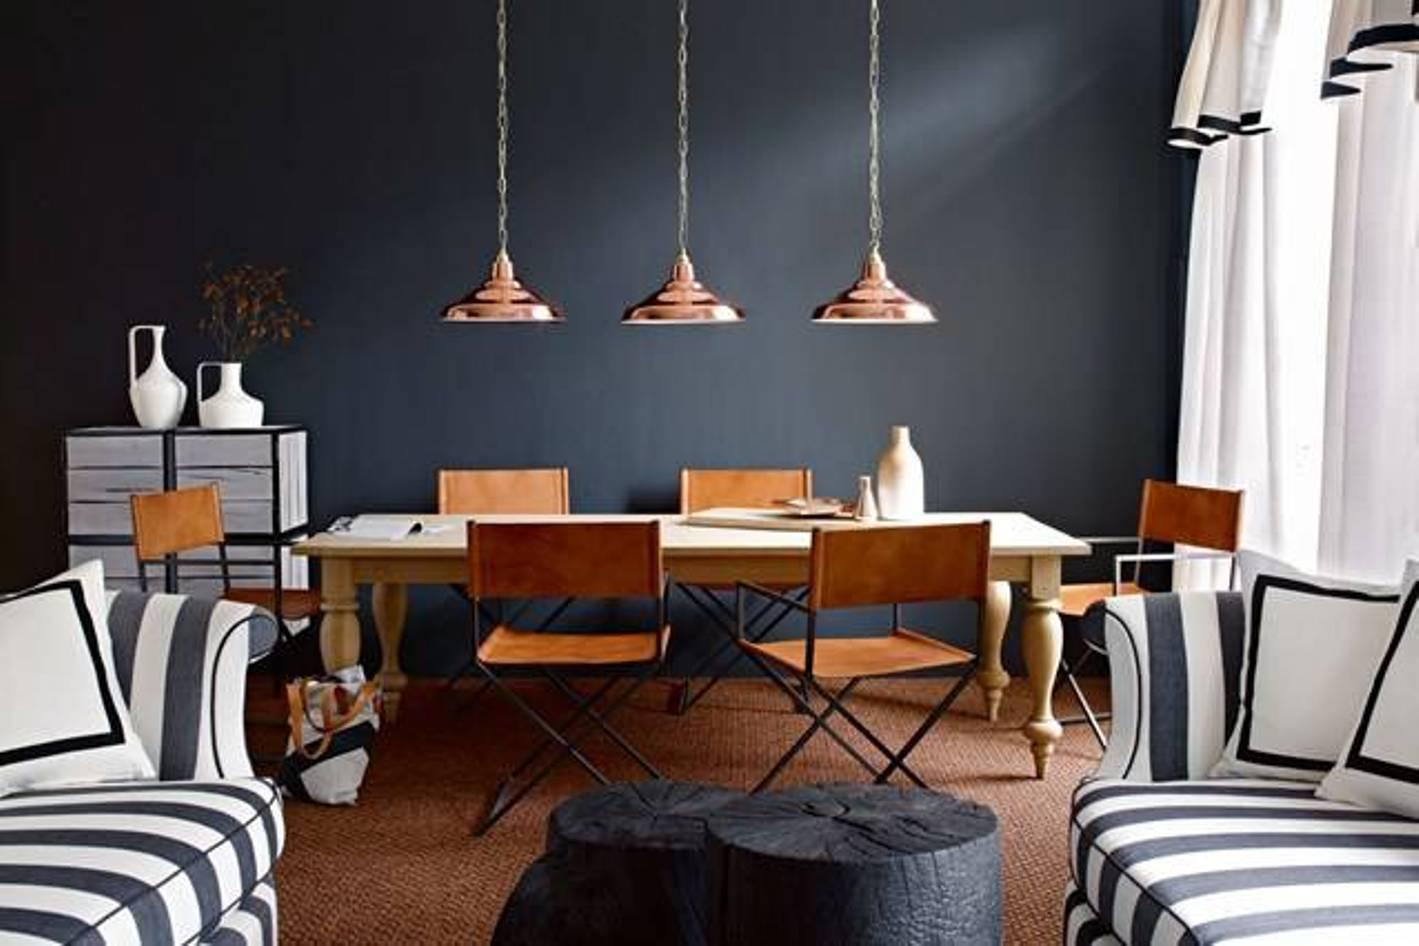 wohnesszimmer modern einrichten mit holzesstisch massiv und klappstühlen_seats und sofas mit streifenmuster in schwarzweiß und coole couchtisch aus runden Holzklötzen